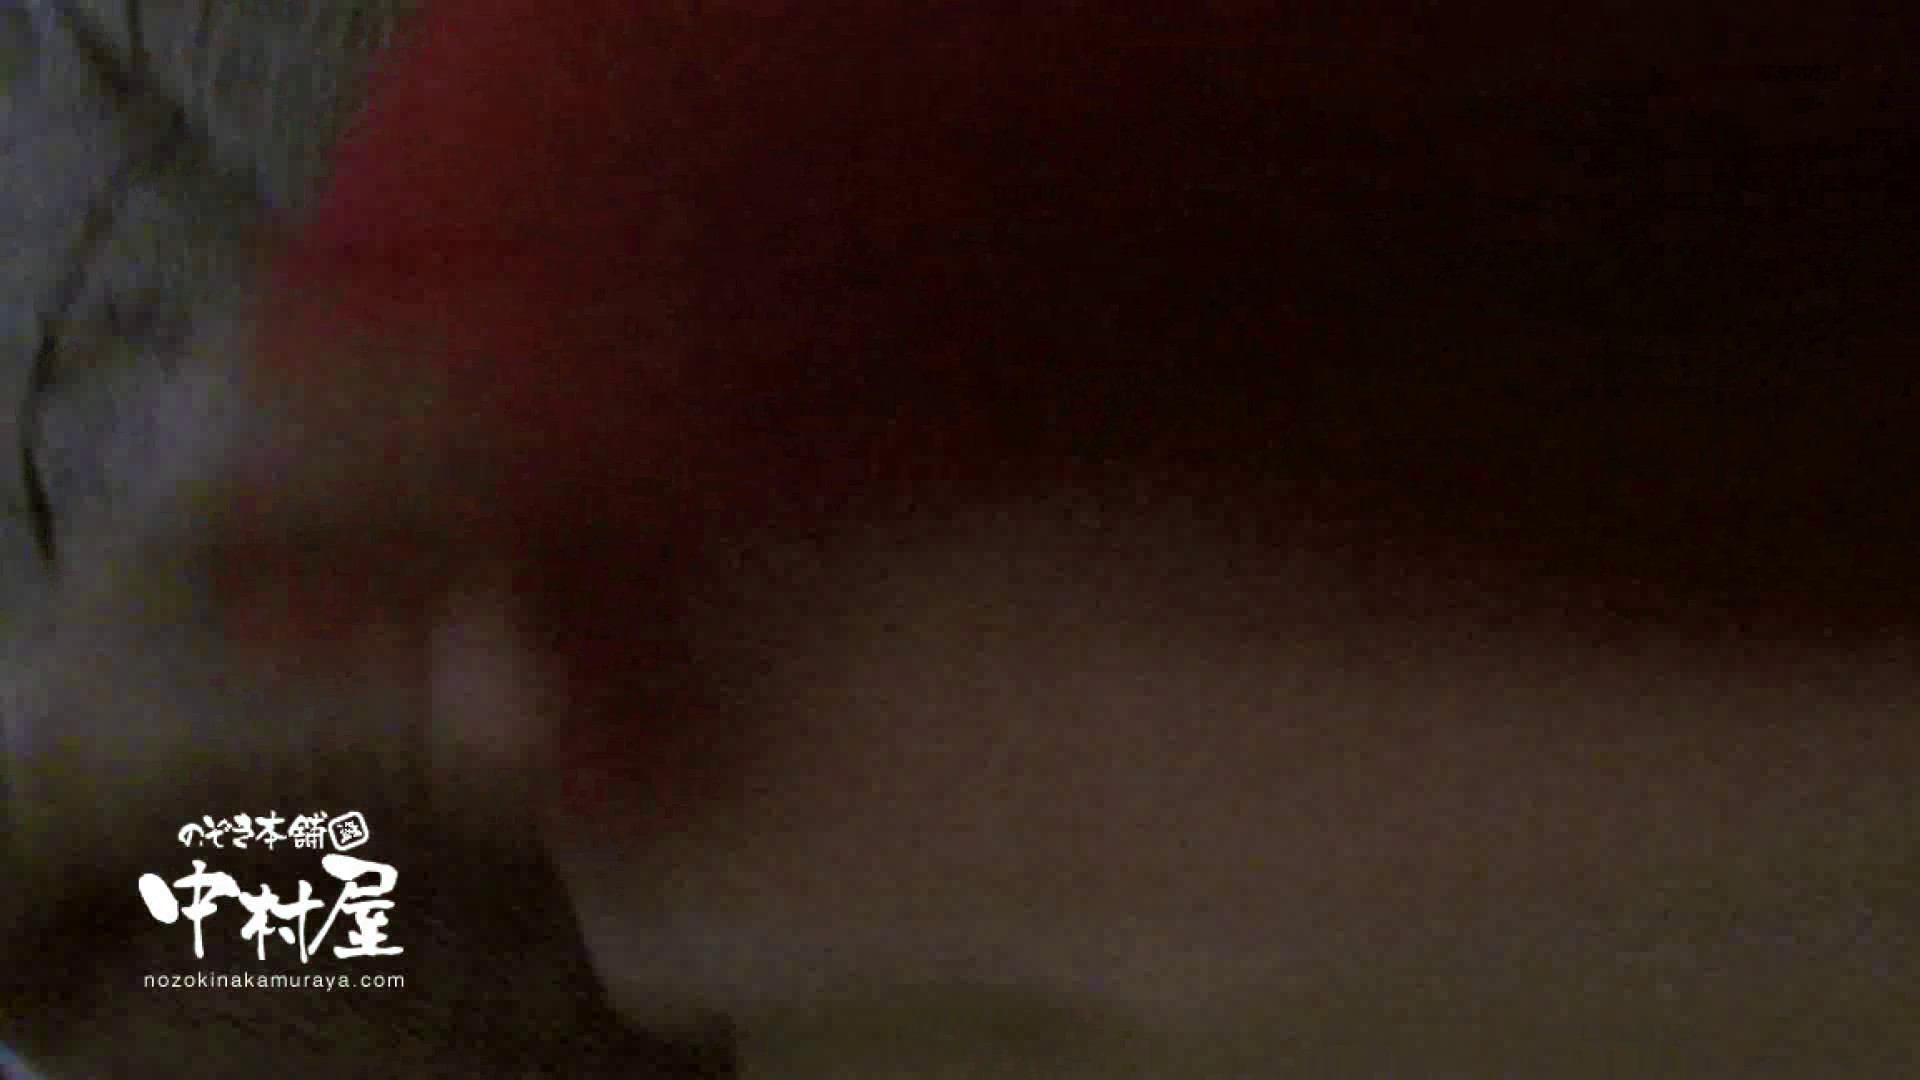 鬼畜 vol.02 もうやめて! 後編 エッチなセックス  81画像 57